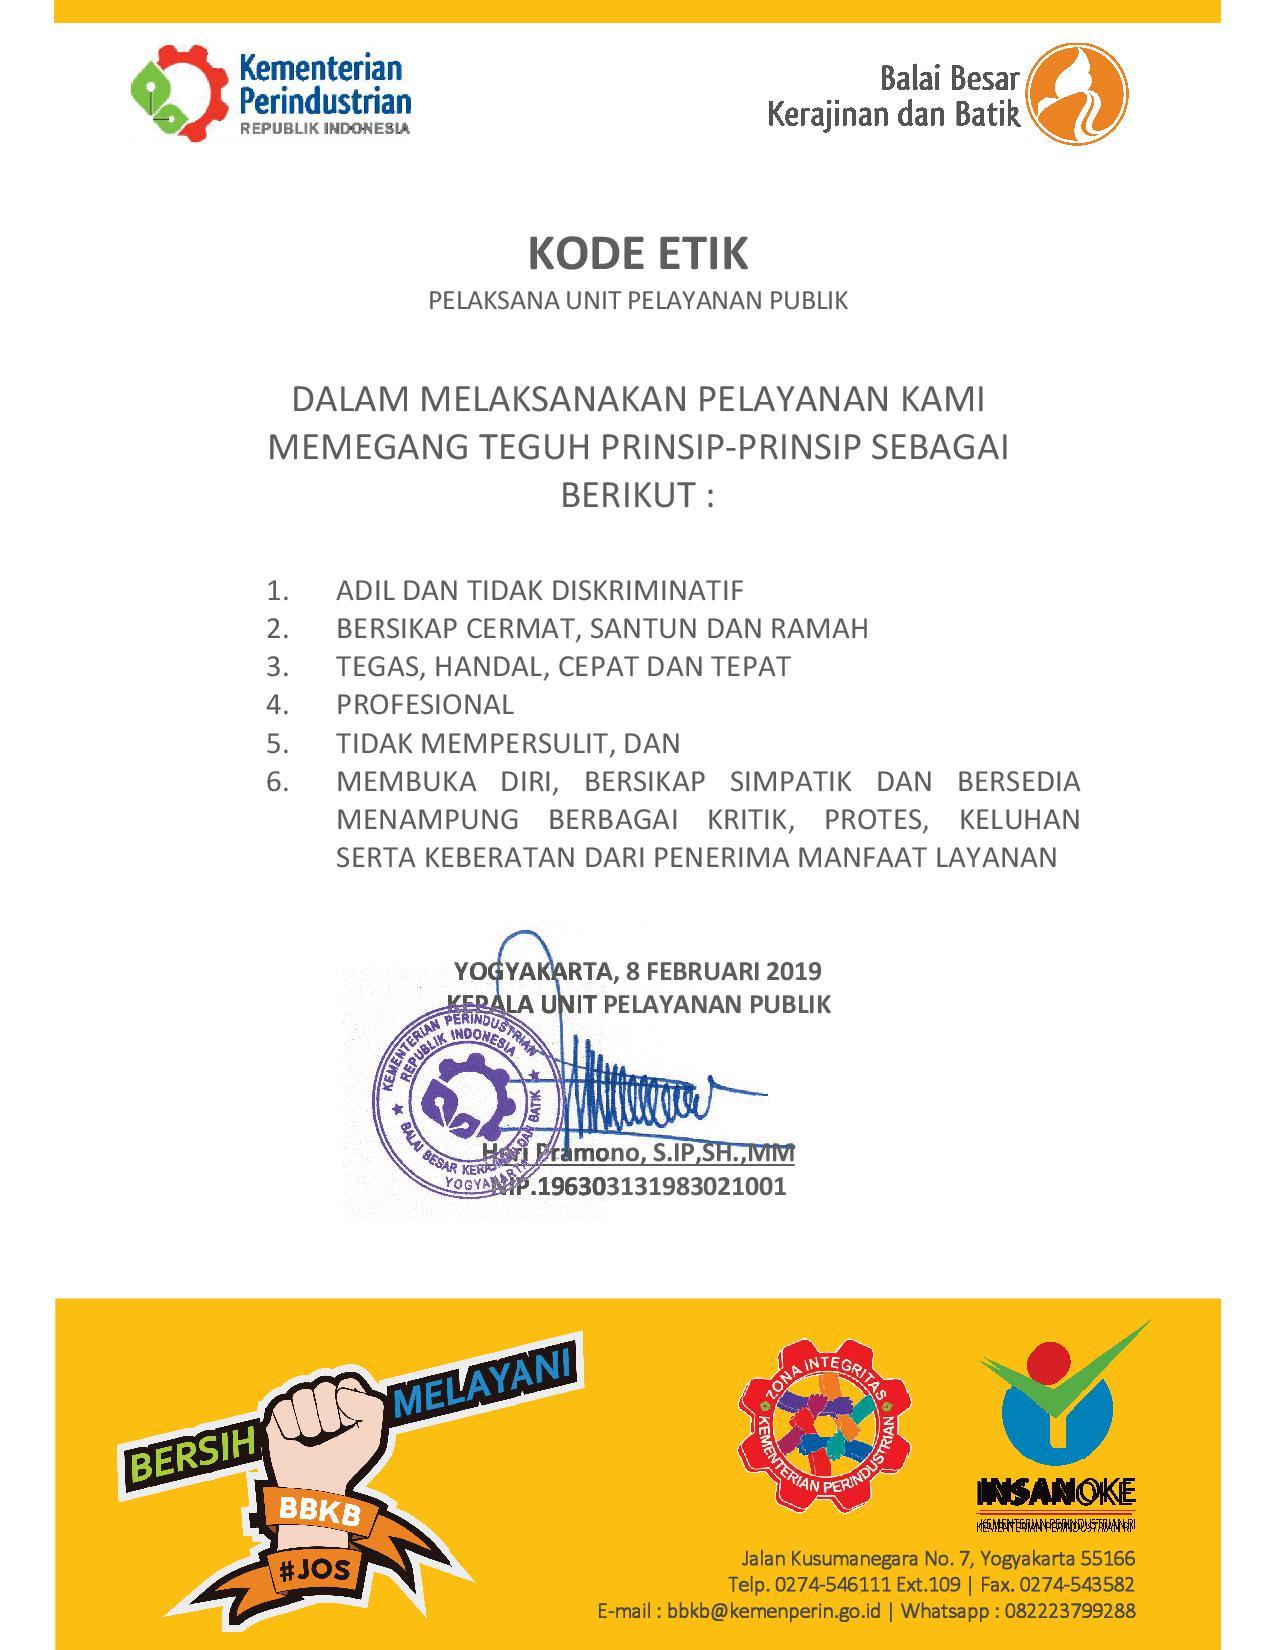 Kode Etik Pelayanan